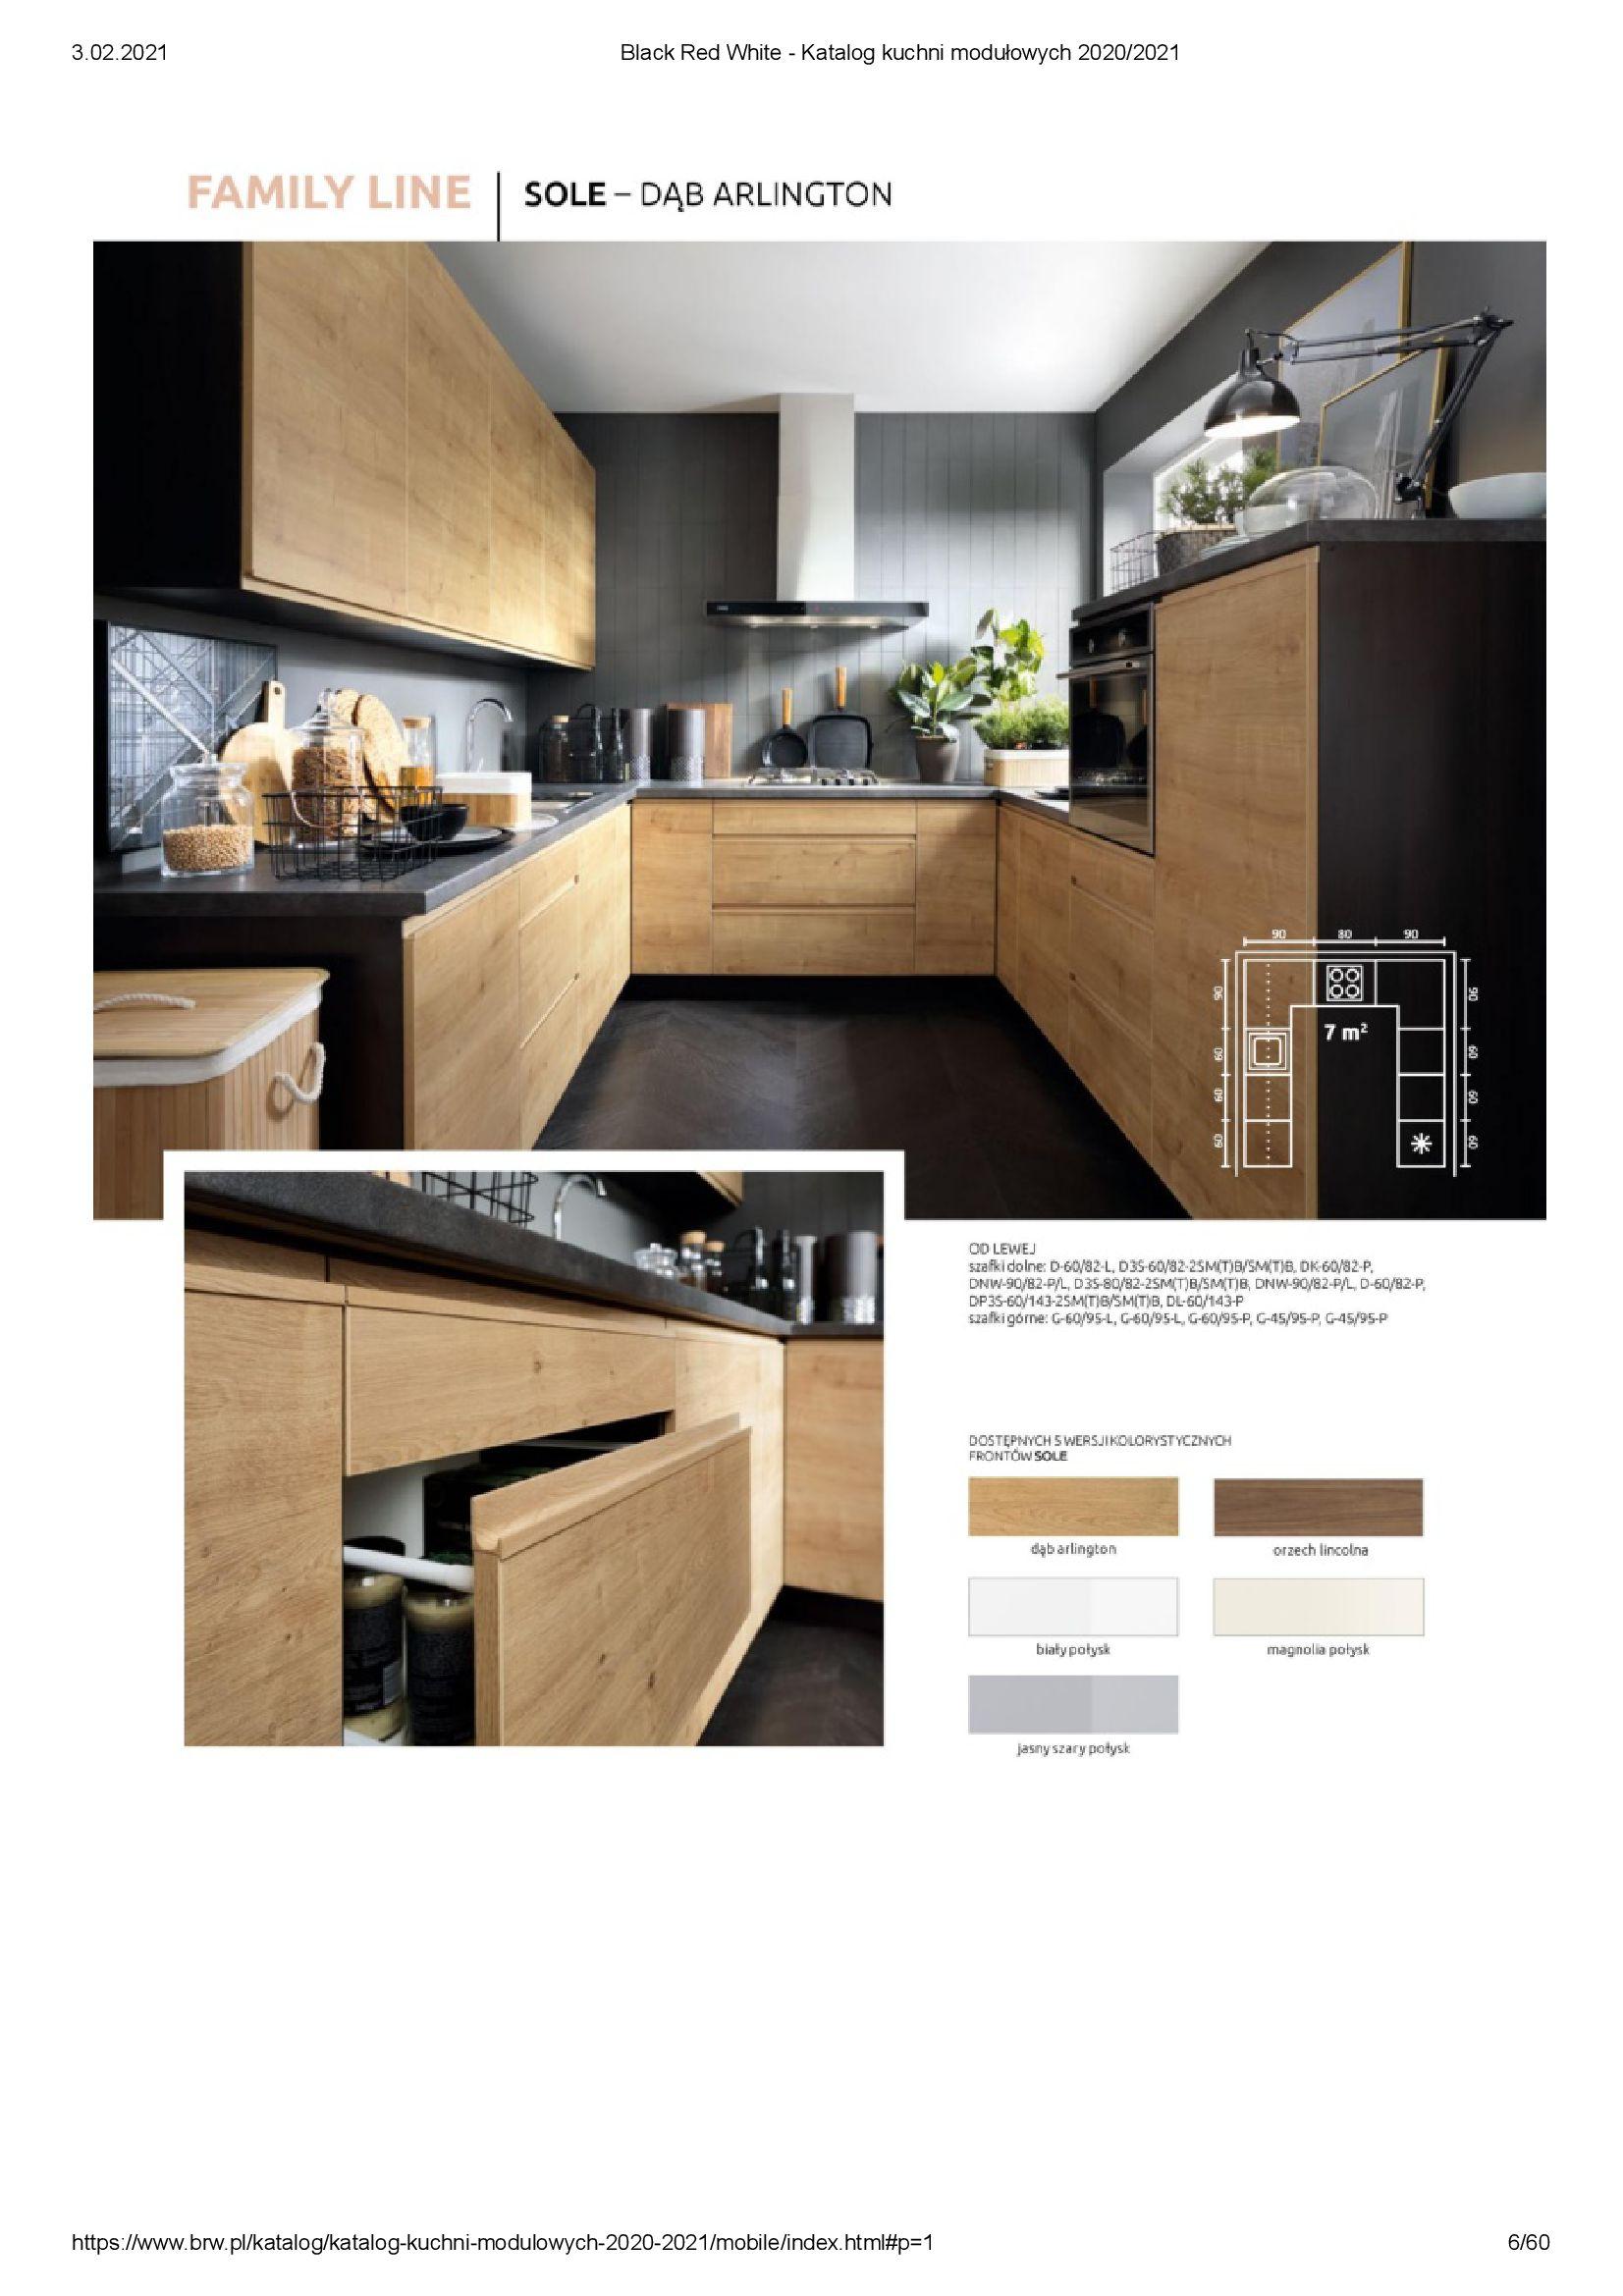 Gazetka Black Red White: Katalog - Kuchnie modułowe 2020/2021 2021-01-01 page-6